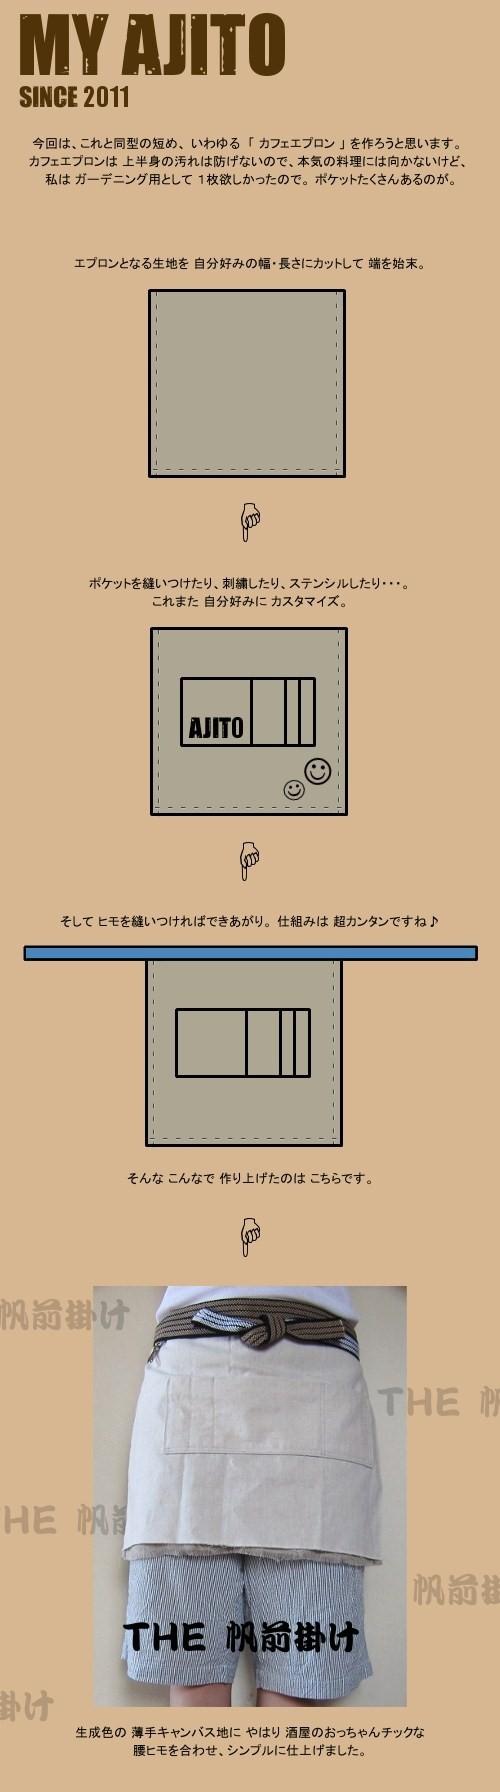 d_a_04.jpg